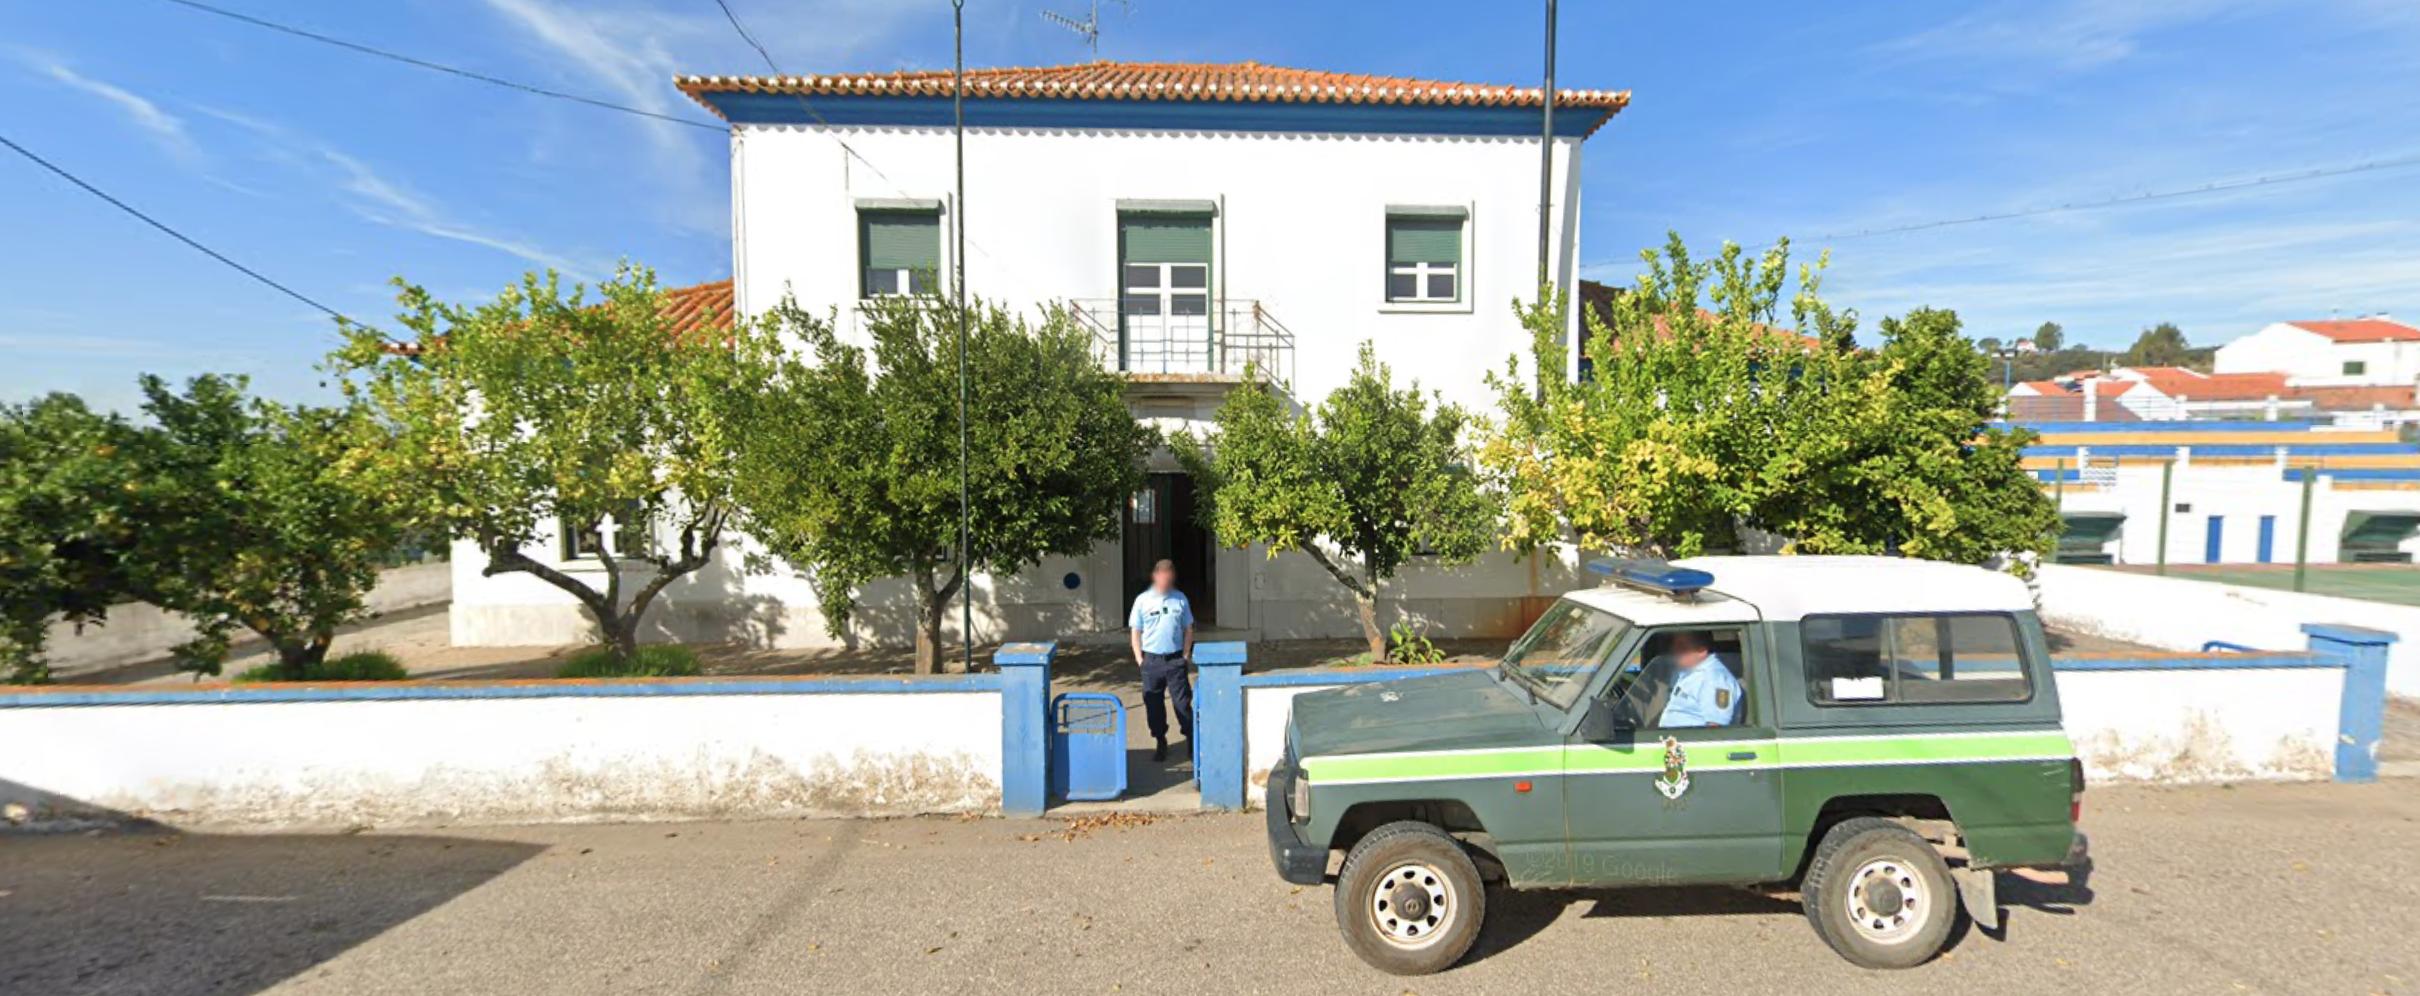 Reabertura do Posto de Atendimento da GNR em Galveias